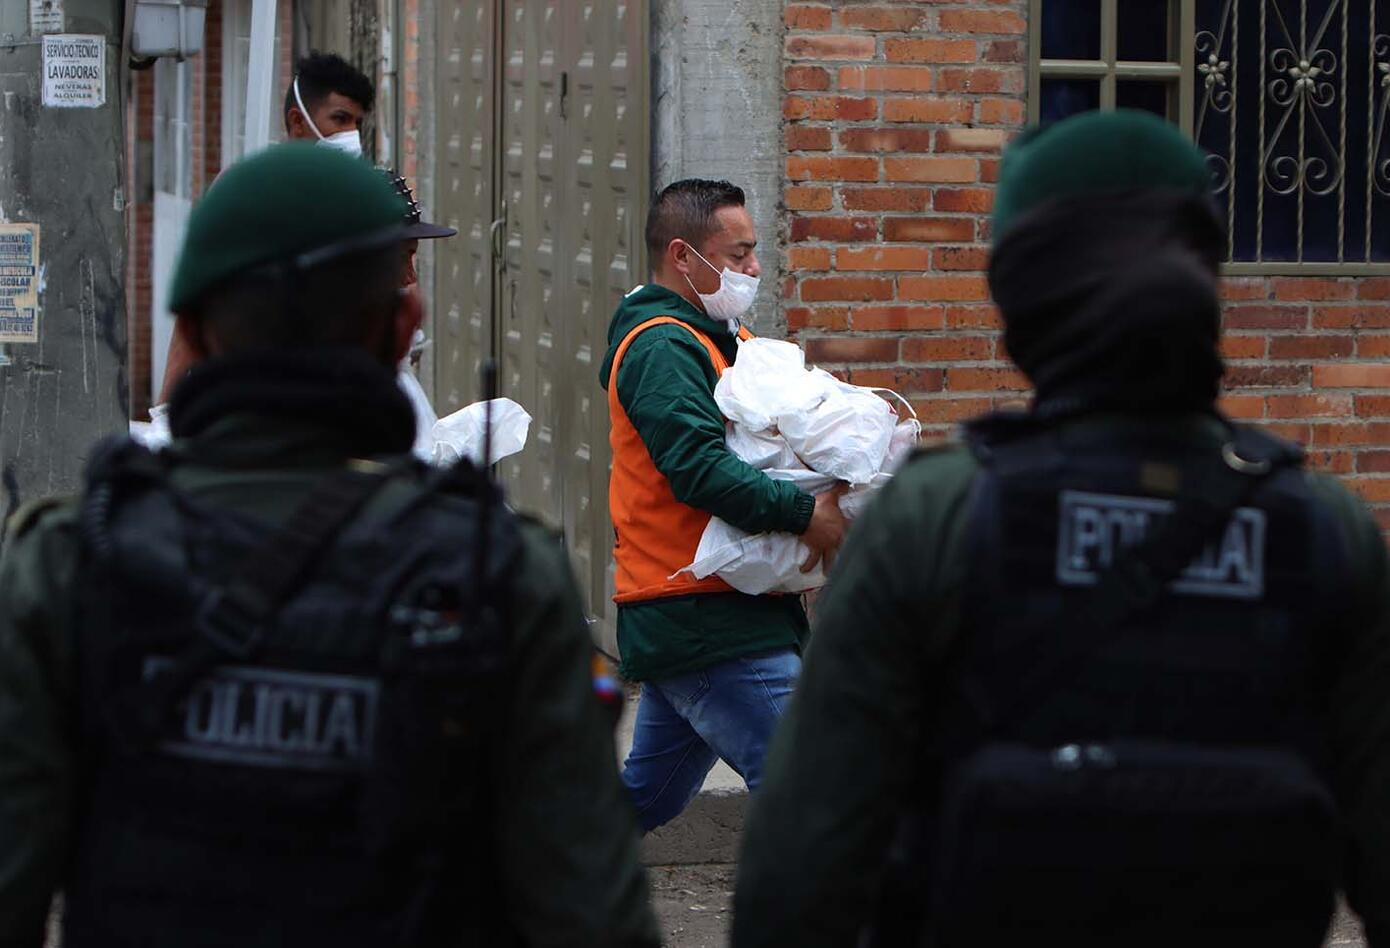 Entrega de ayudas en cuarentena / Ciudad Bolívar, sector La Playita